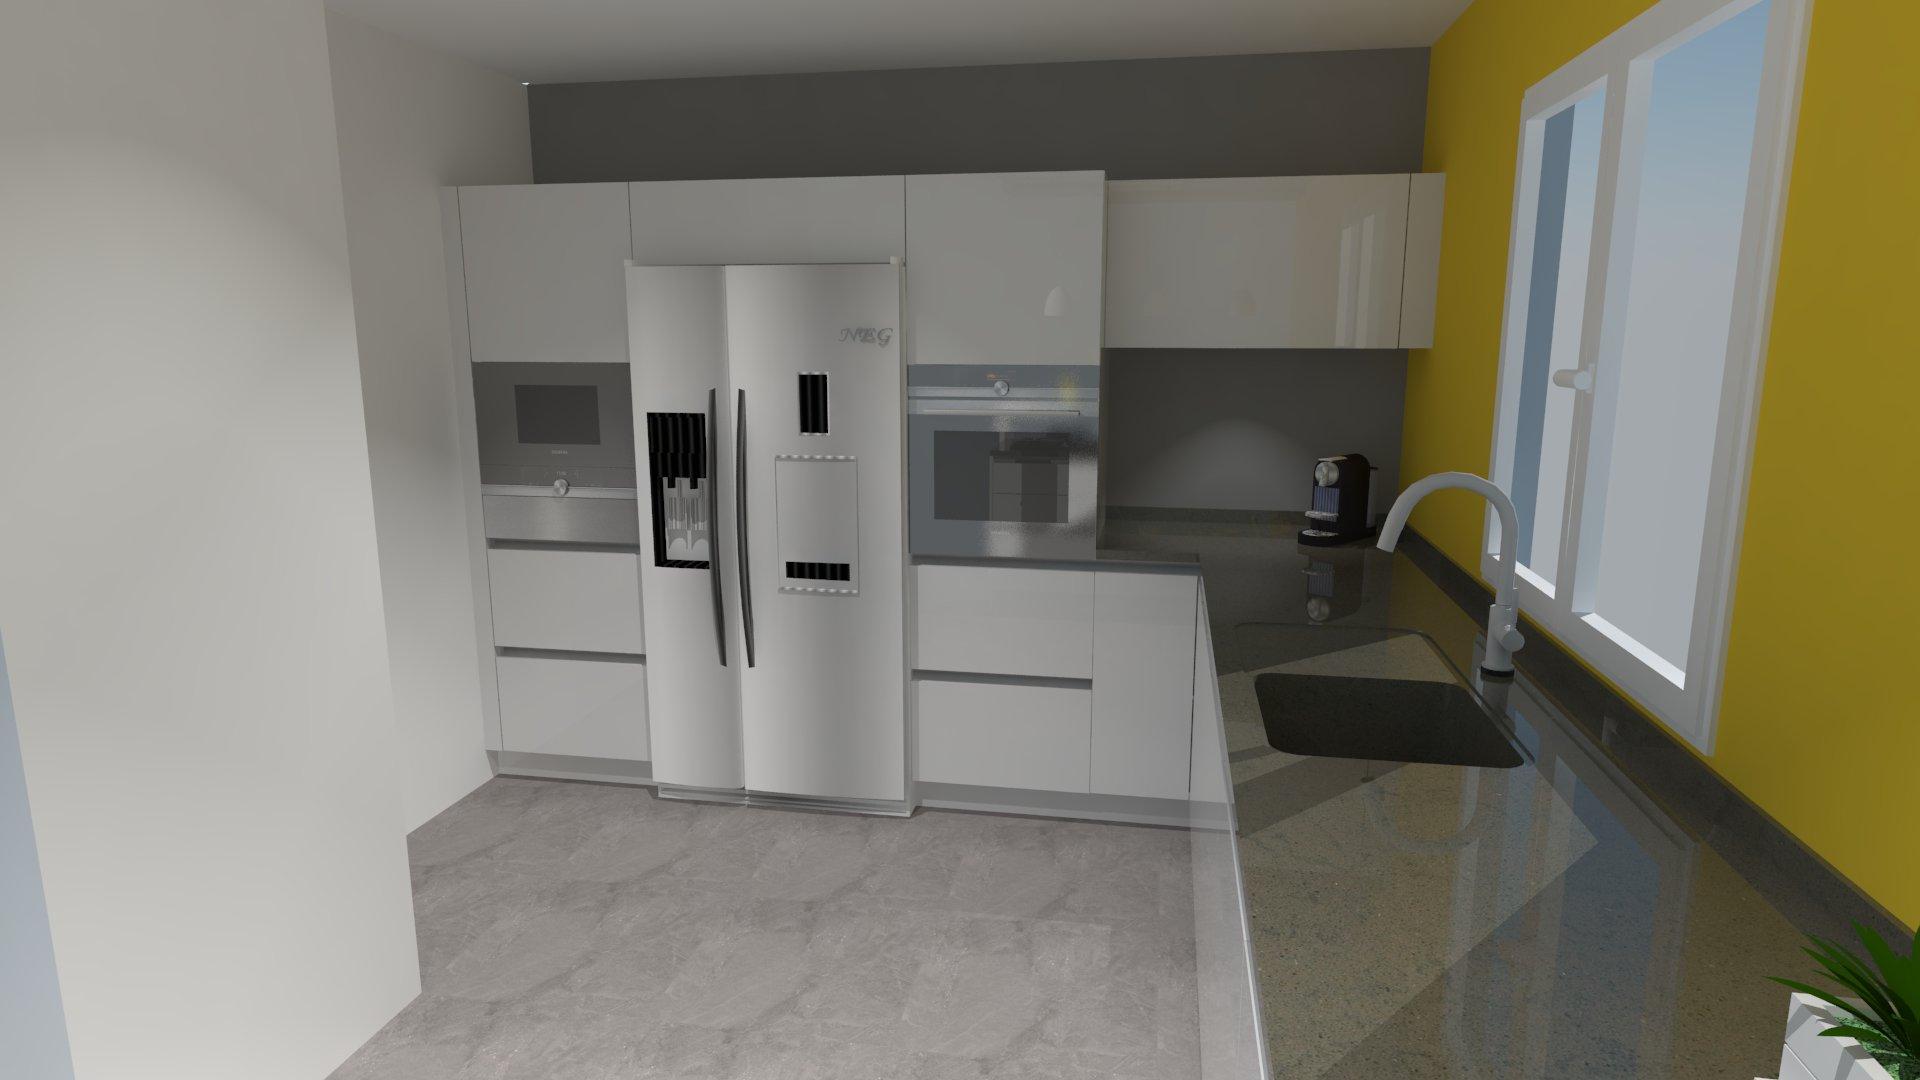 cuisine avec frigo noir solutions pour la d coration int rieure de votre maison. Black Bedroom Furniture Sets. Home Design Ideas